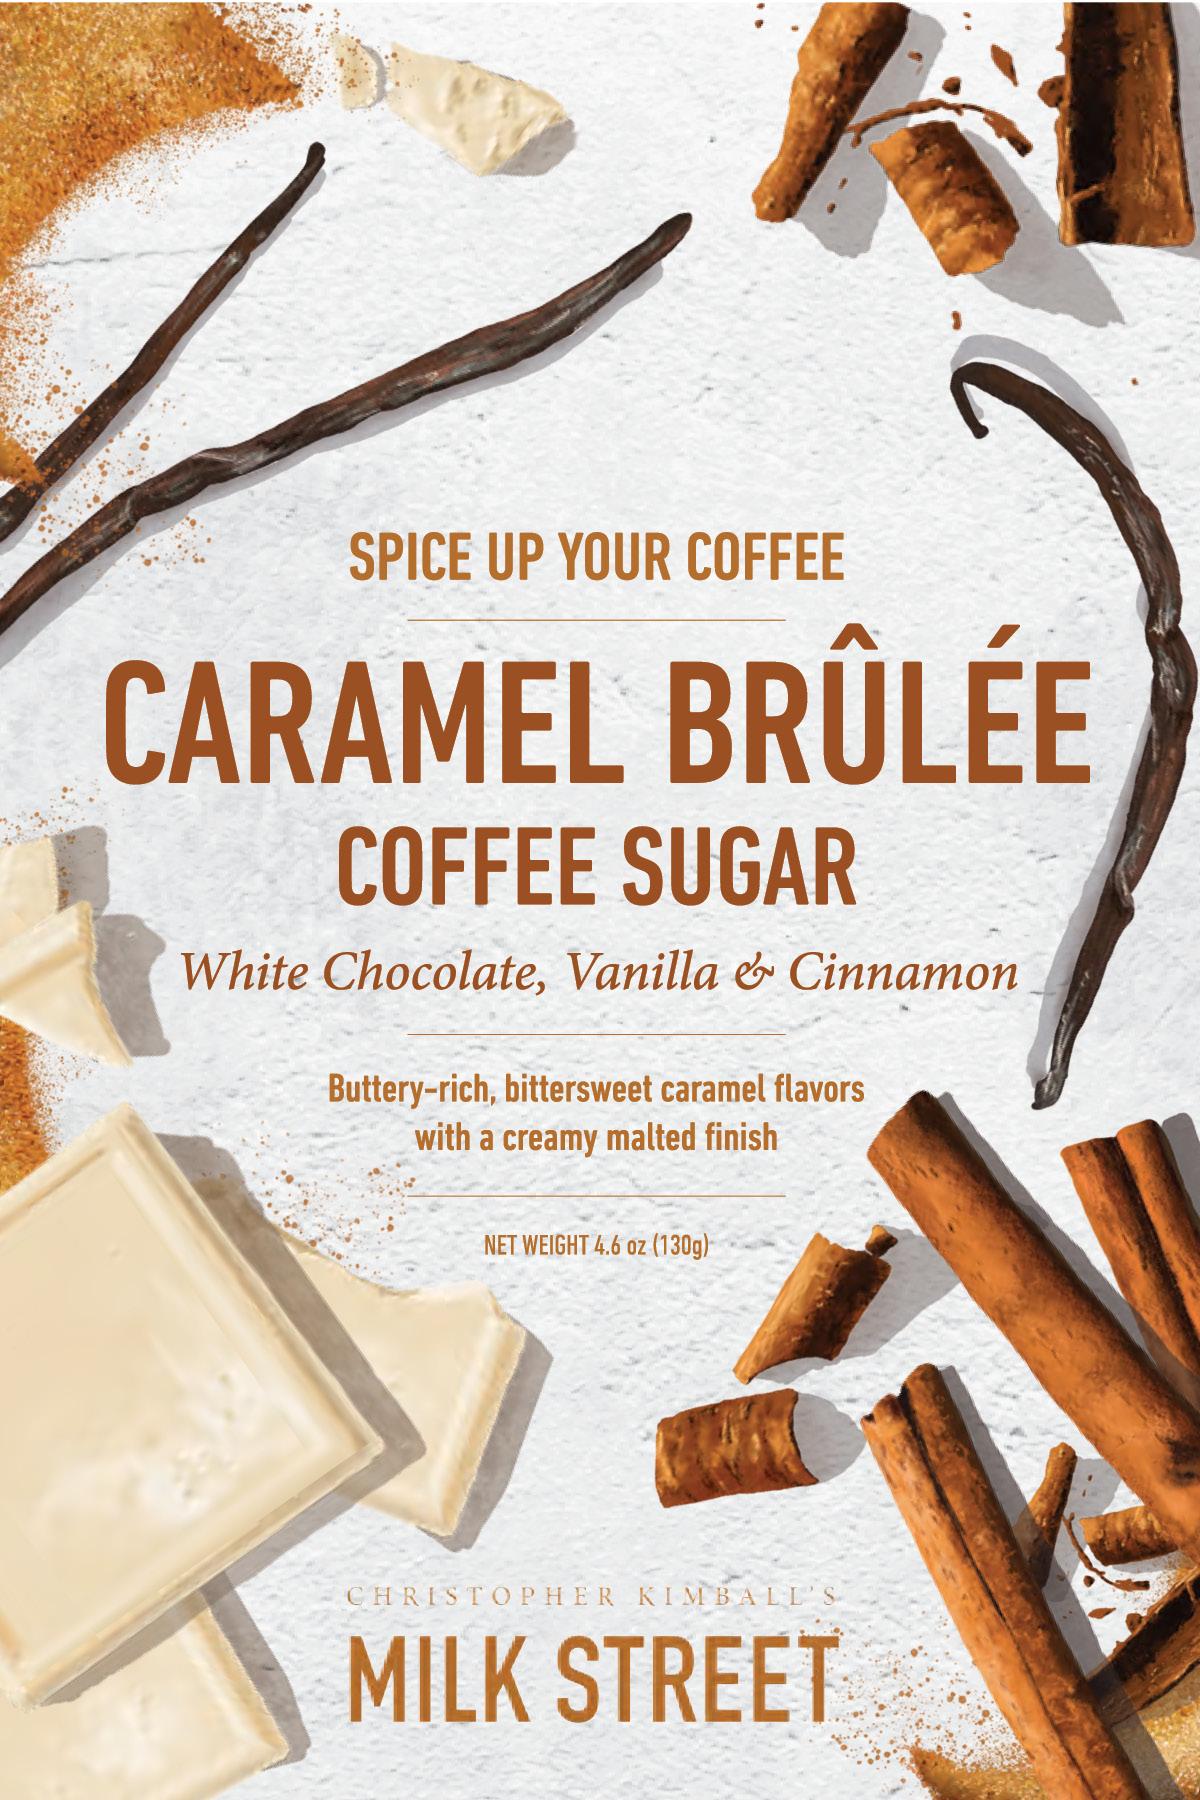 CoffeeSugar_CaramelBrulee_Flat.jpg